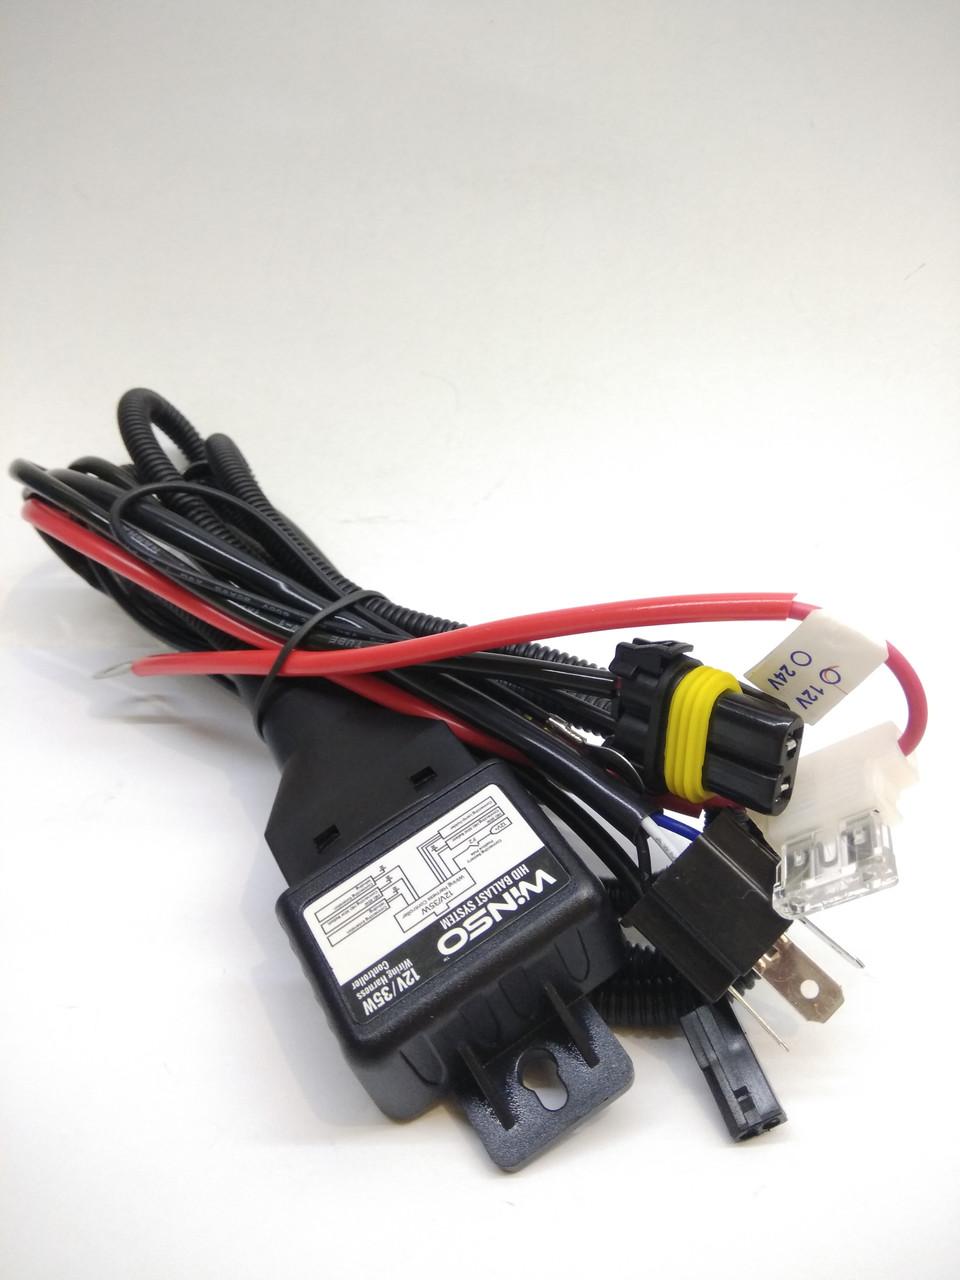 Комутаційні проводи з реле для Н4  Bi-xenon 12V Winso  KET